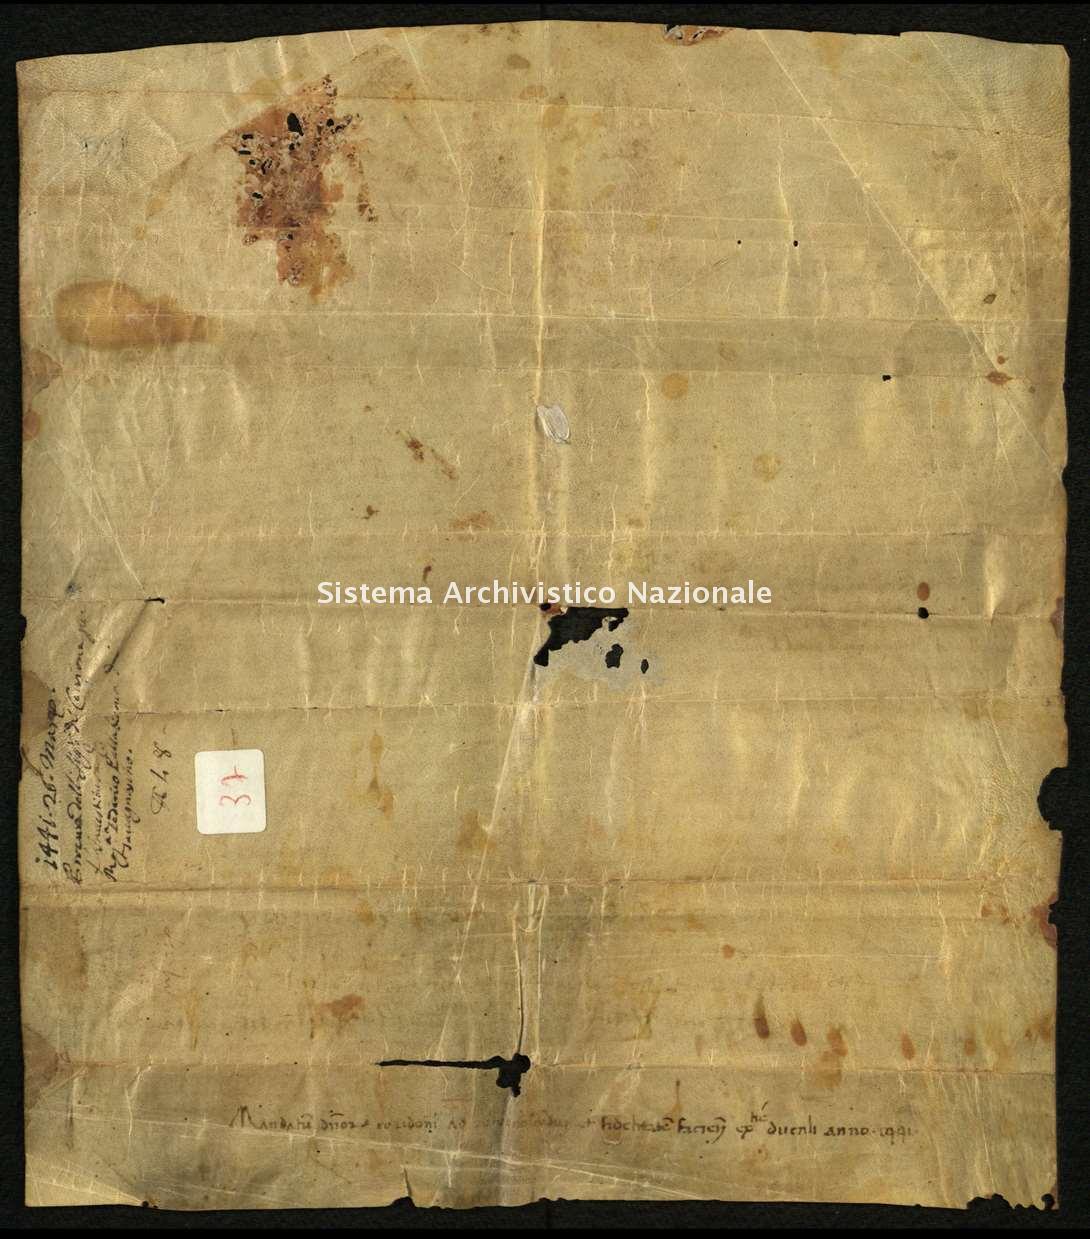 Archivio di Stato di Biella, Avogadro di Valdengo, Pergamene, Pergamene I, Cerrione, 26 marzo 1441